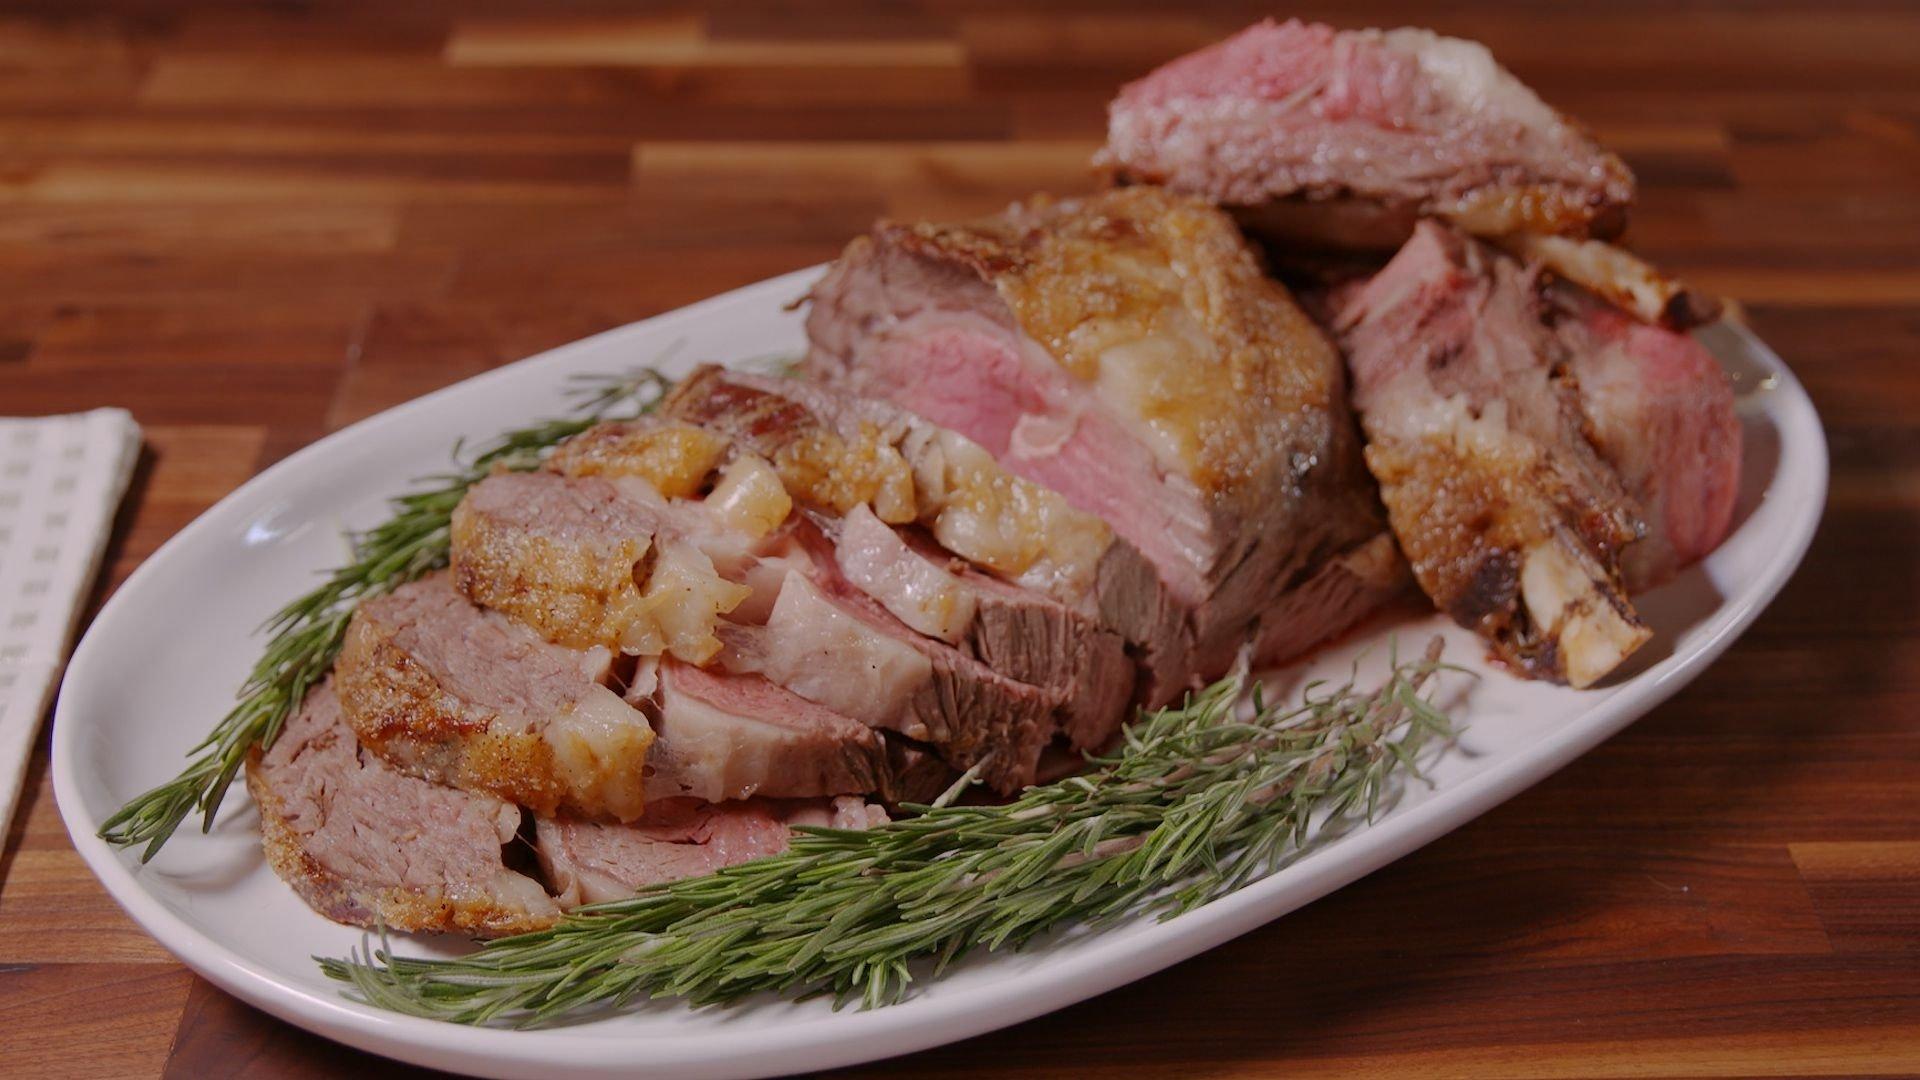 10 Unique Prime Rib Dinner Menu Ideas best prime rib roast recipe how to cook prime rib 2020